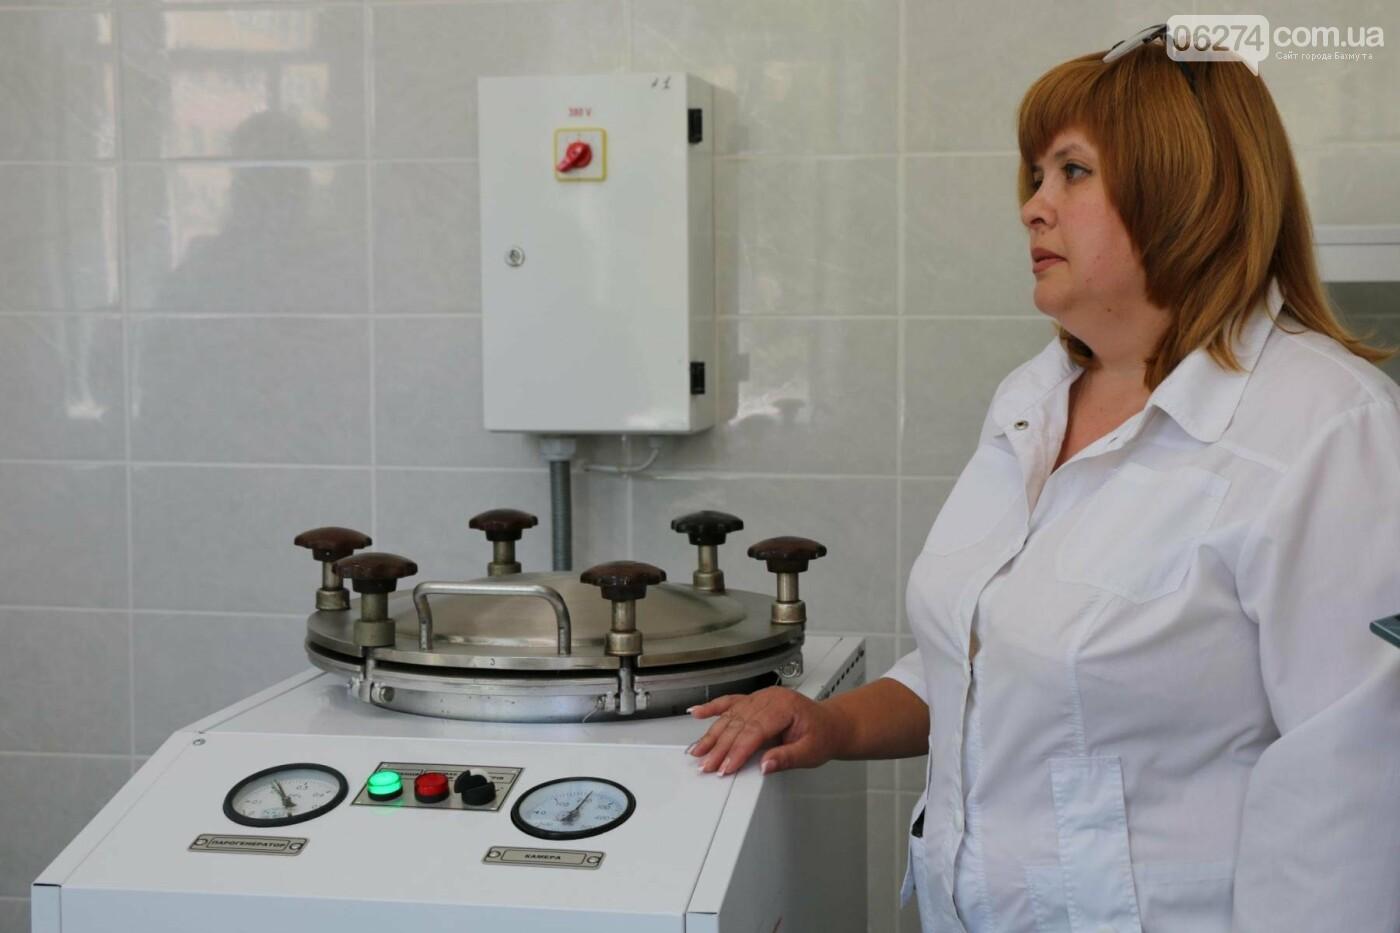 В Бахмуте презентовали современную бактериологическую лабораторию, фото-14